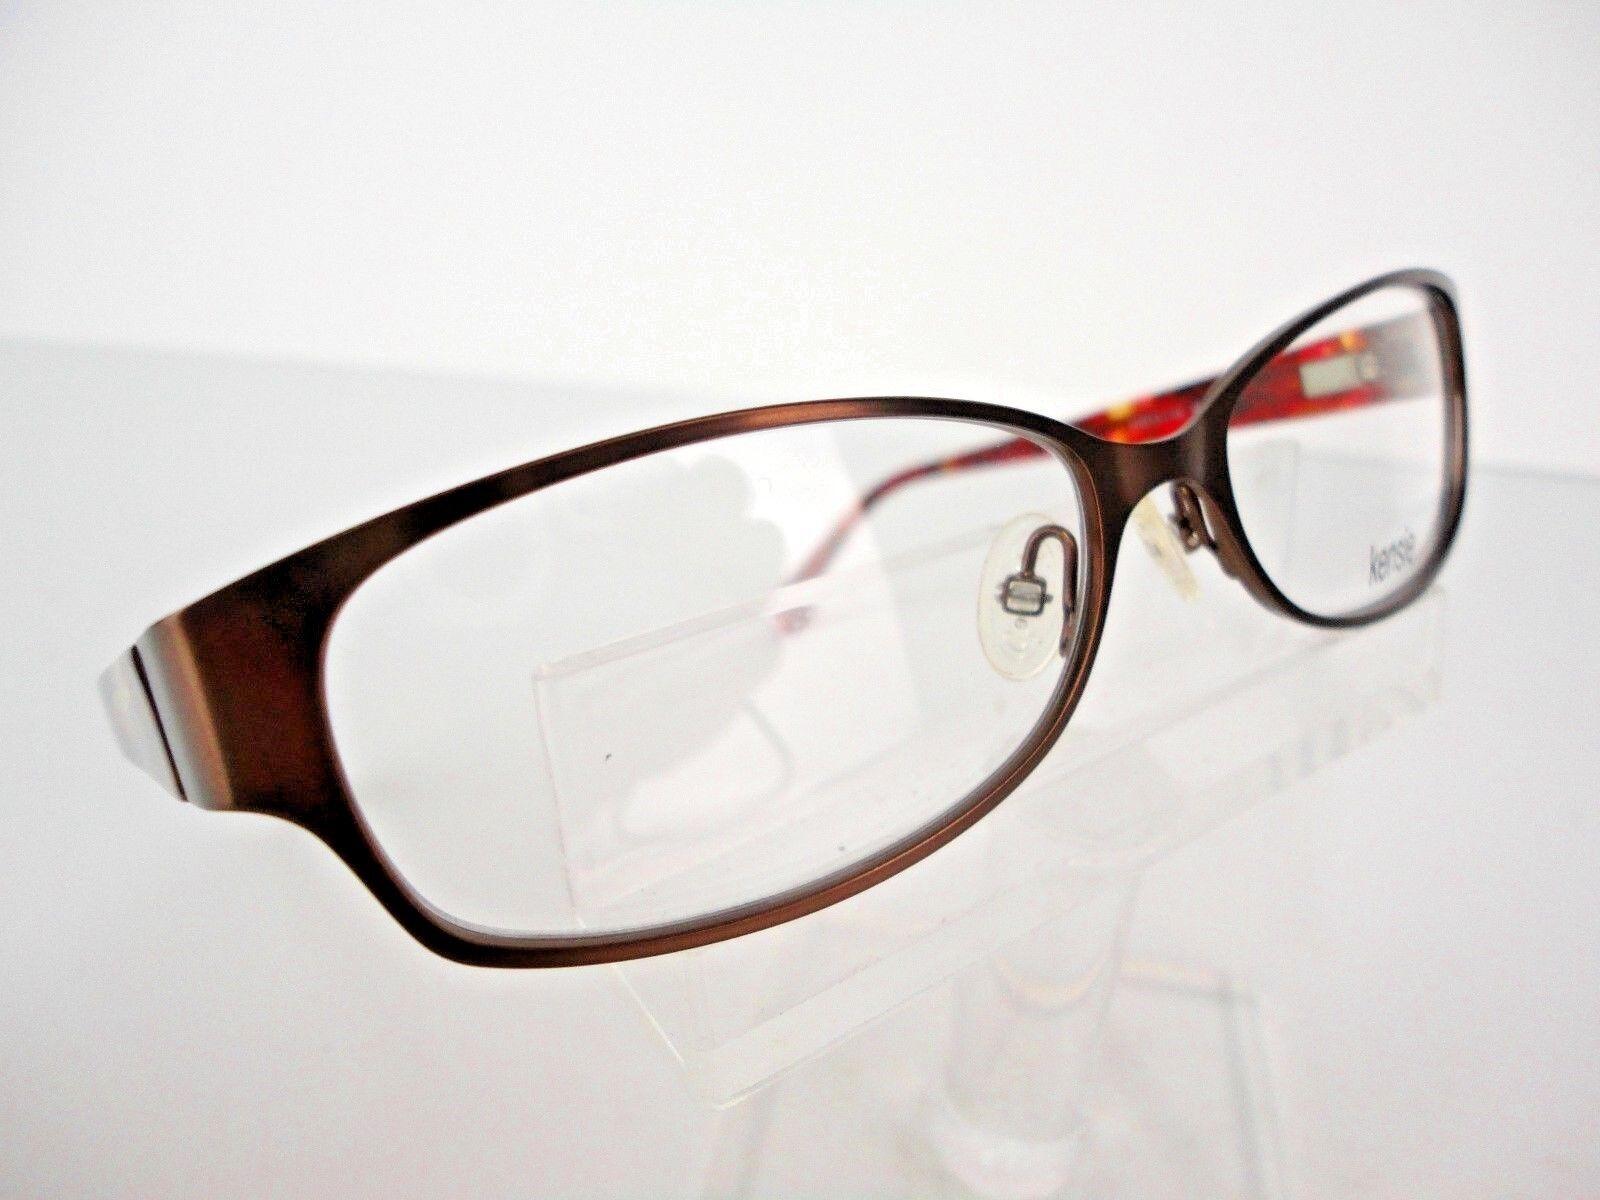 Kensie Eyeglasses Glowing Brown 52 Mm | eBay